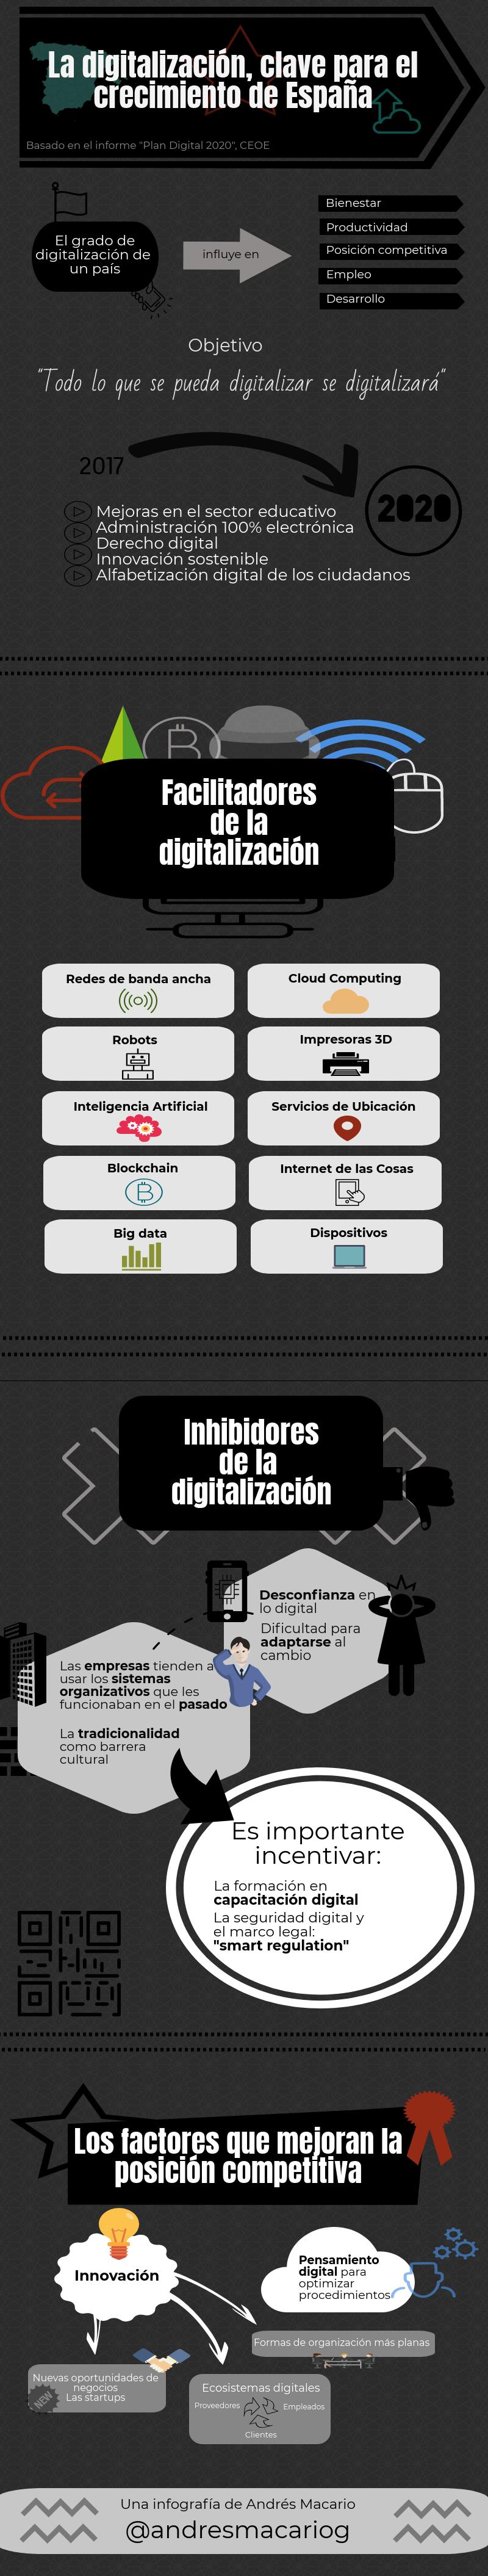 La digitalizacion clave para el crecimiento de España - infografía Andrés Macario